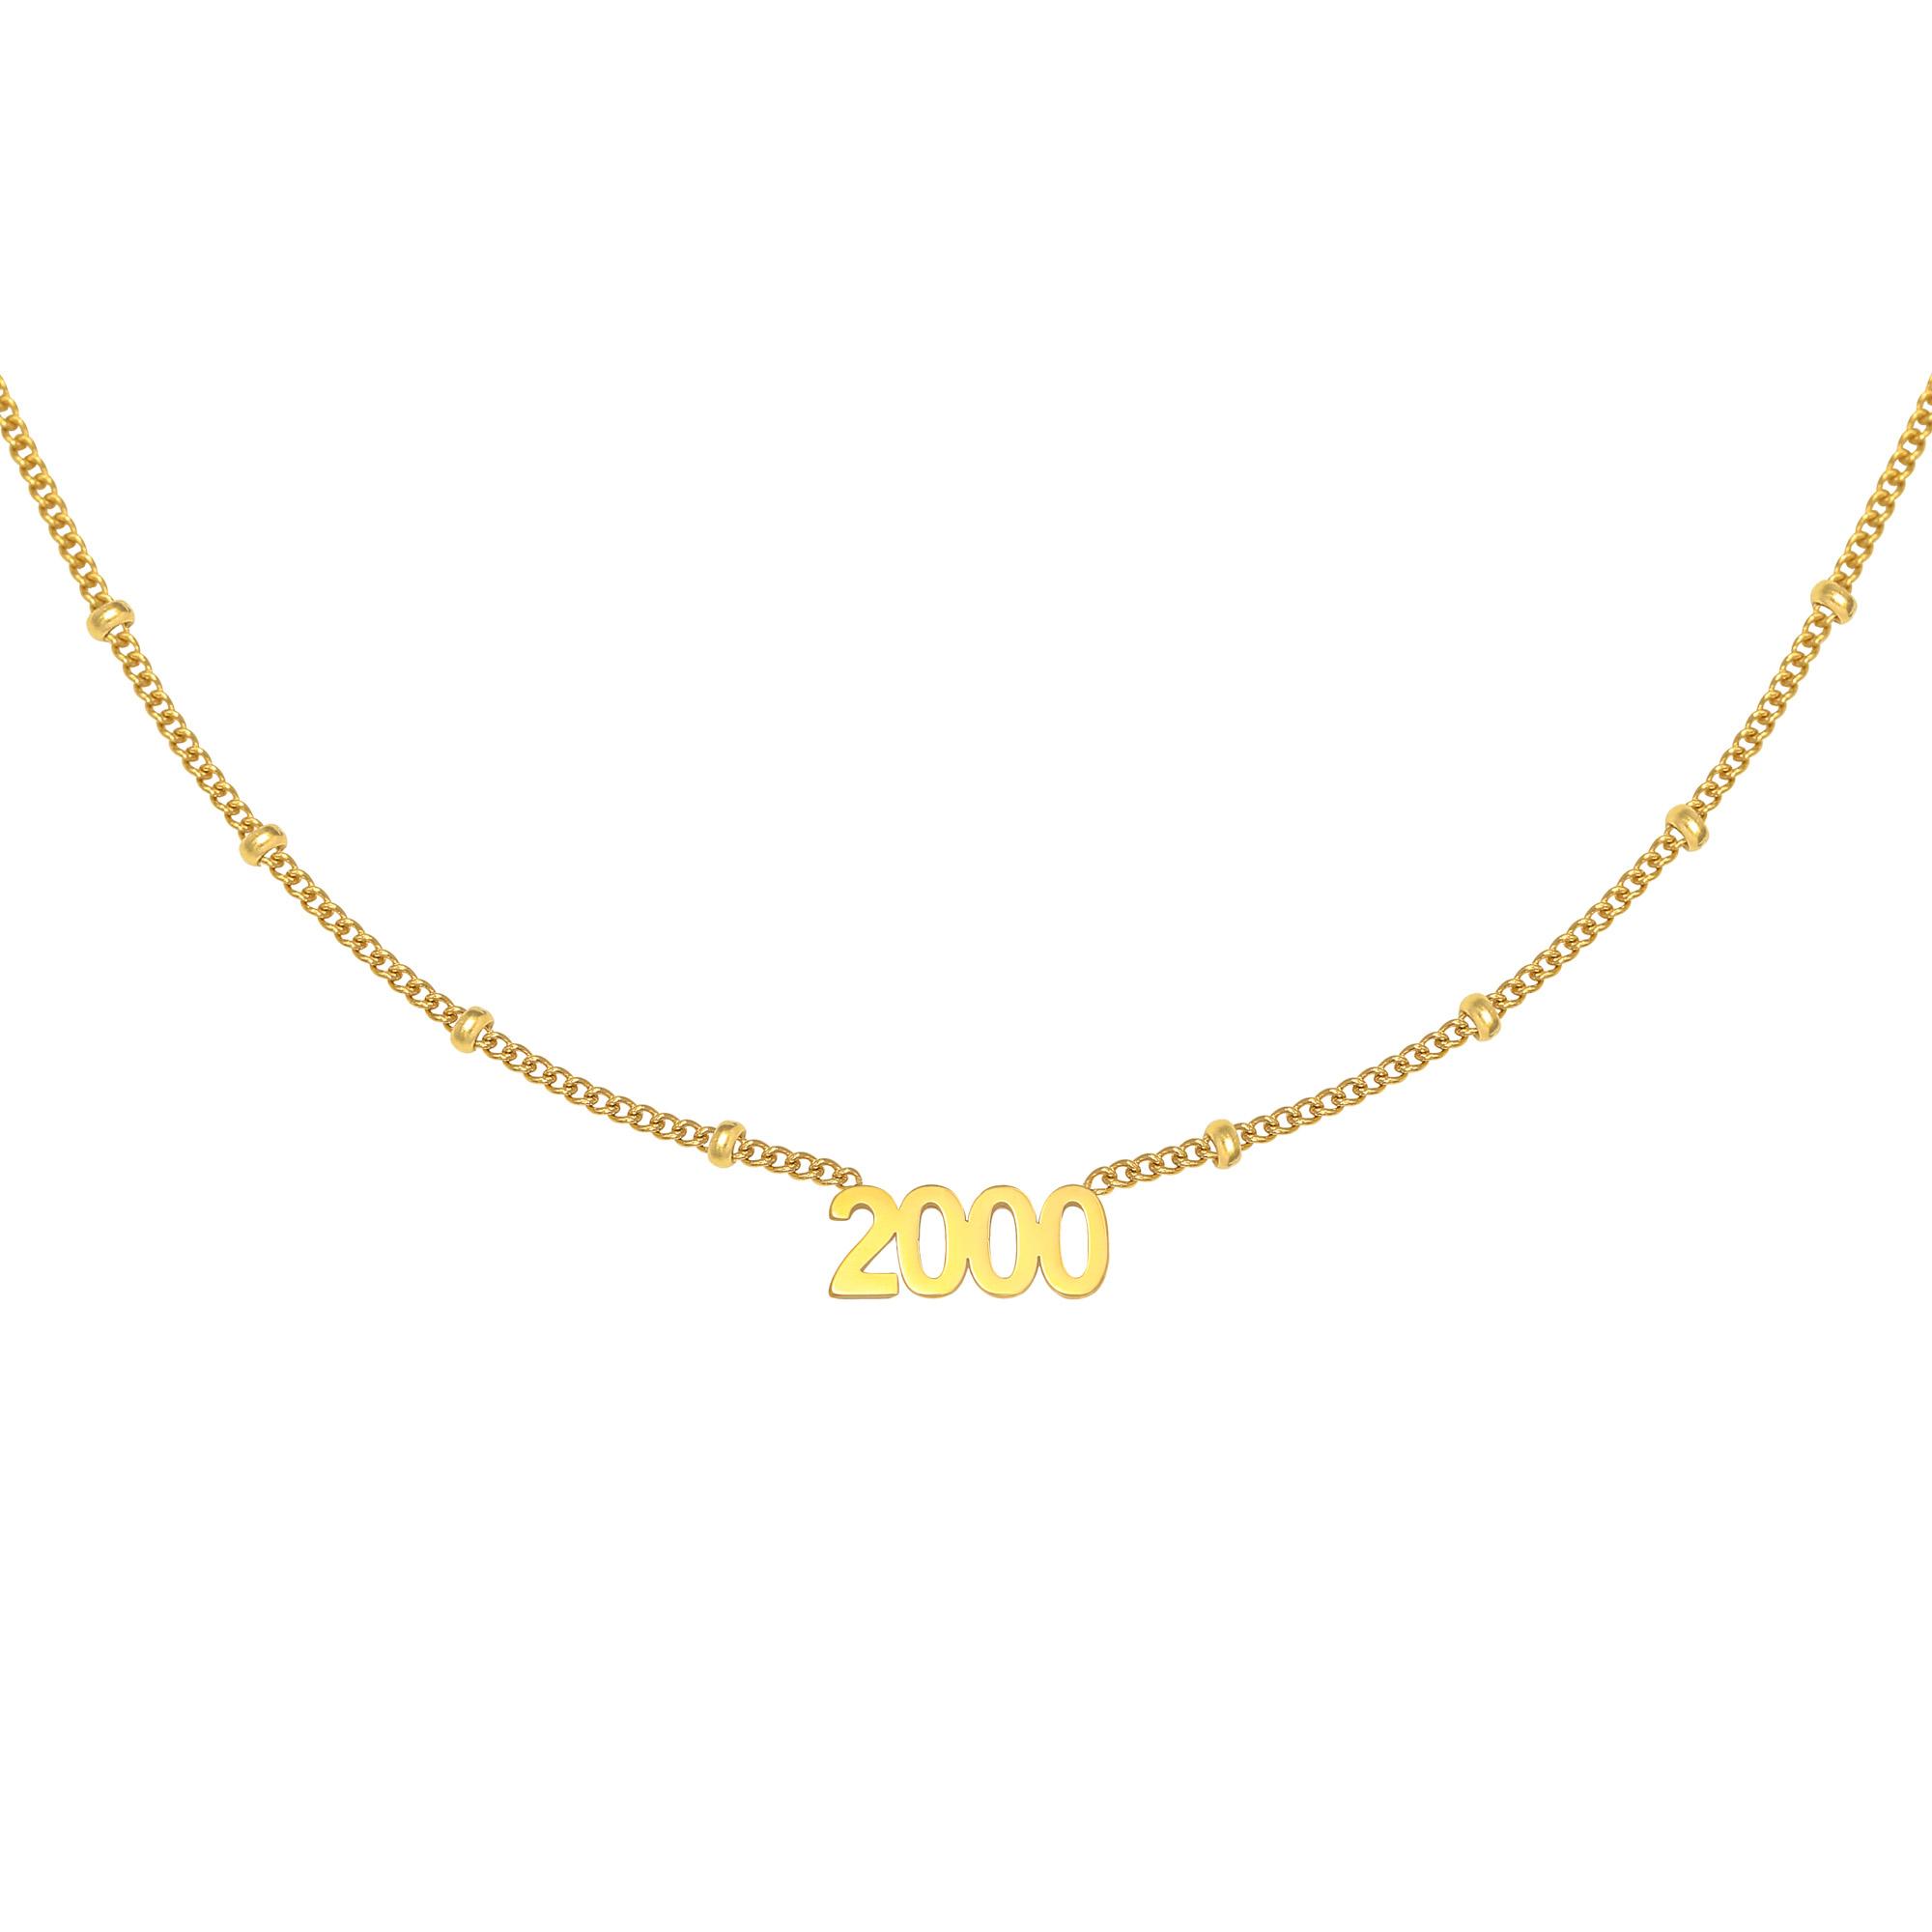 Halskette year 2000